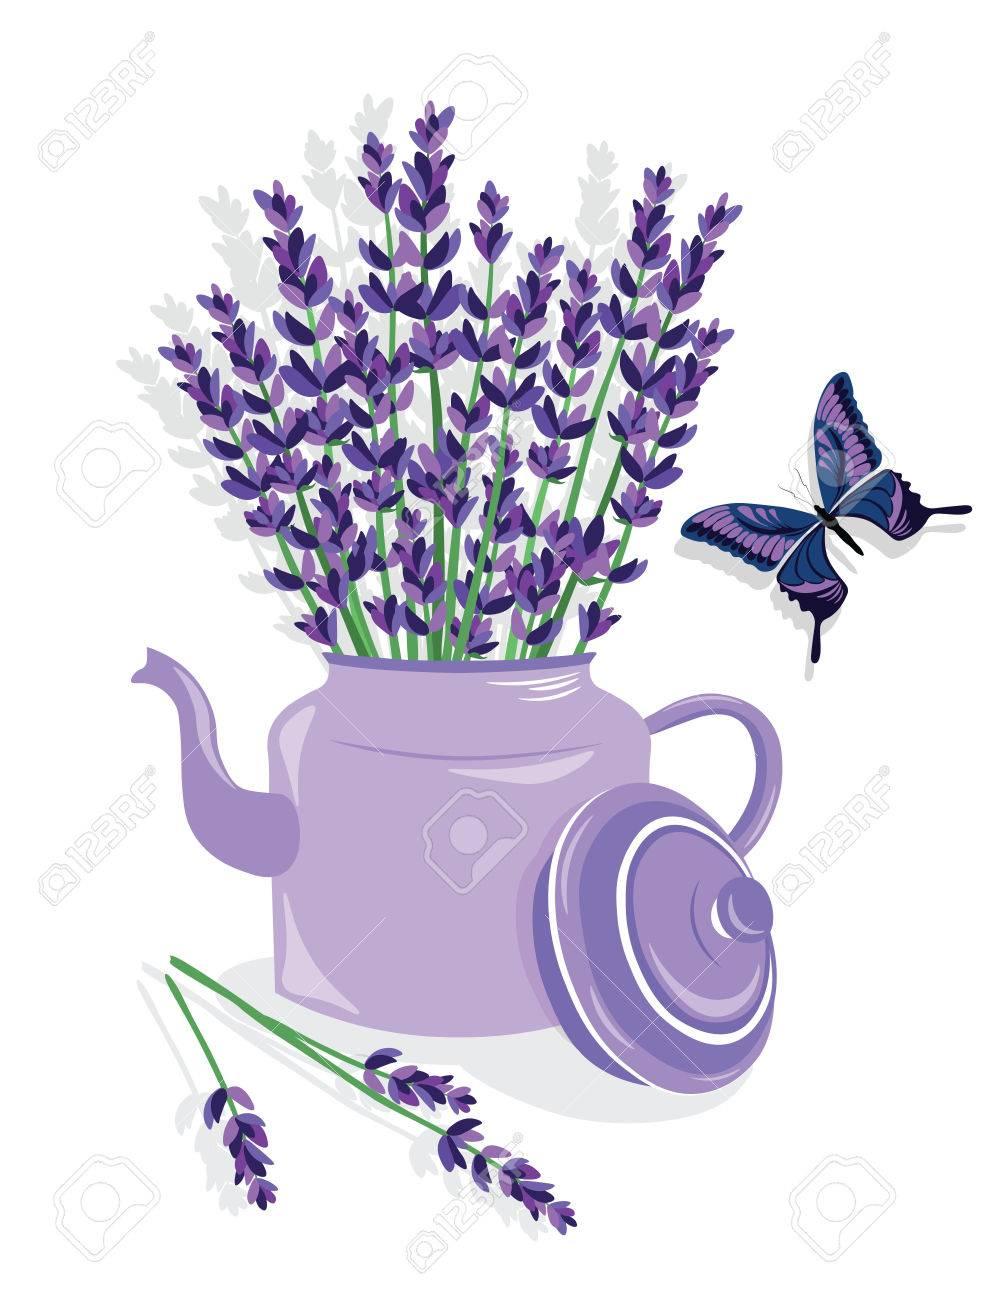 Aquarell-Illustration Lavendel Blumen In Einem Topf. Französisch ...